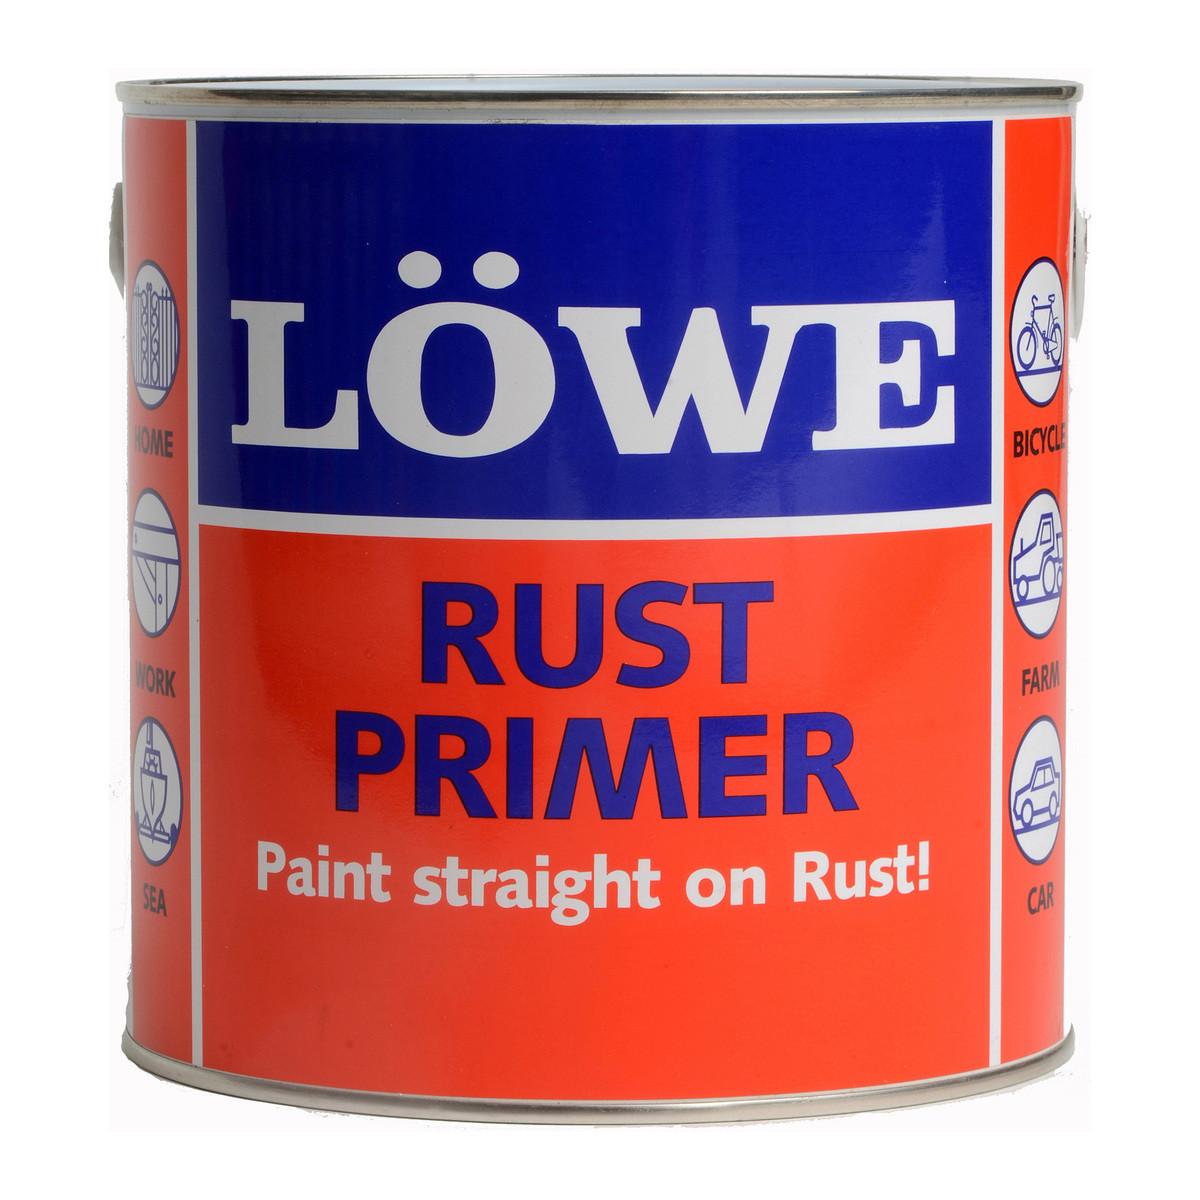 Lowe Rust Primer Tile Red 3.0kg